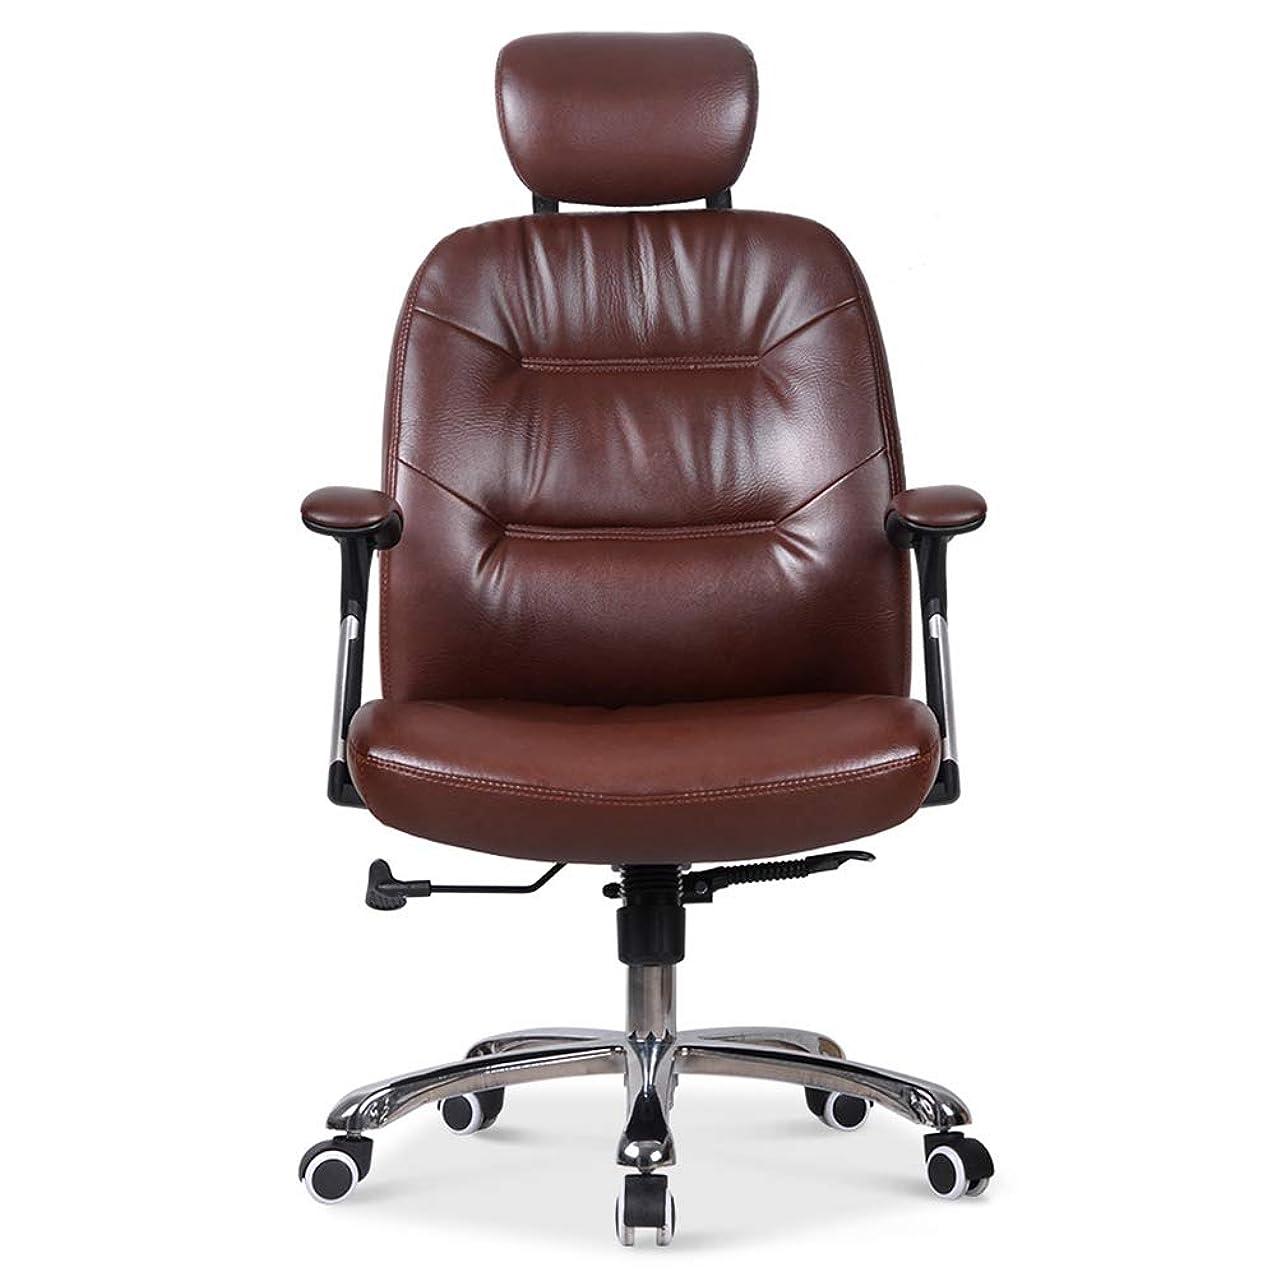 スペースプレゼンテーションバウンスデスクチェア パソコンチェア 事務用椅子 ミッドバックフェイクレザーコンピュータエグゼクティブオフィスチェア、モダン&人間工学に基づいたデザイン、調節可能なシートの高さ、傾斜機構、360度の回転 人間工学 自宅用 オフィス